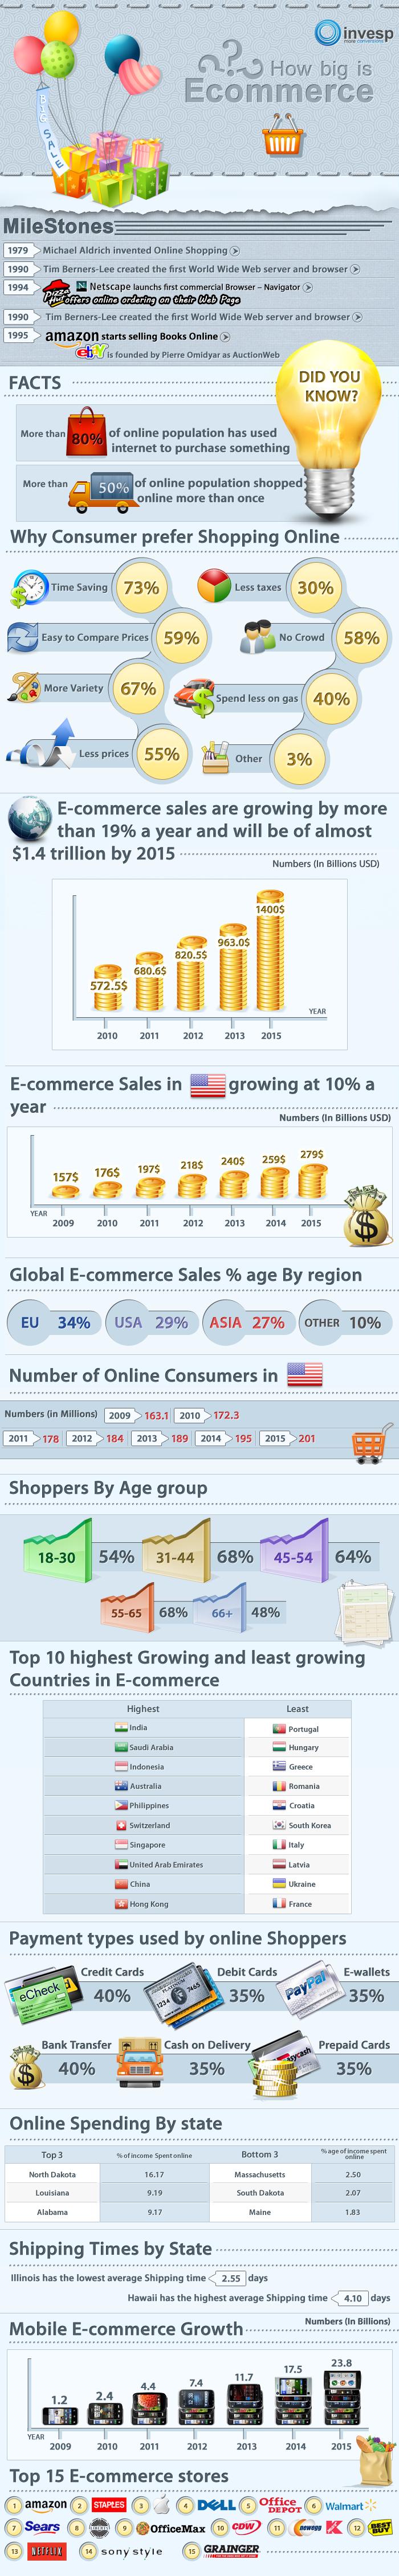 ภาพรวม E- Commerce ของโลกทั้งหมด